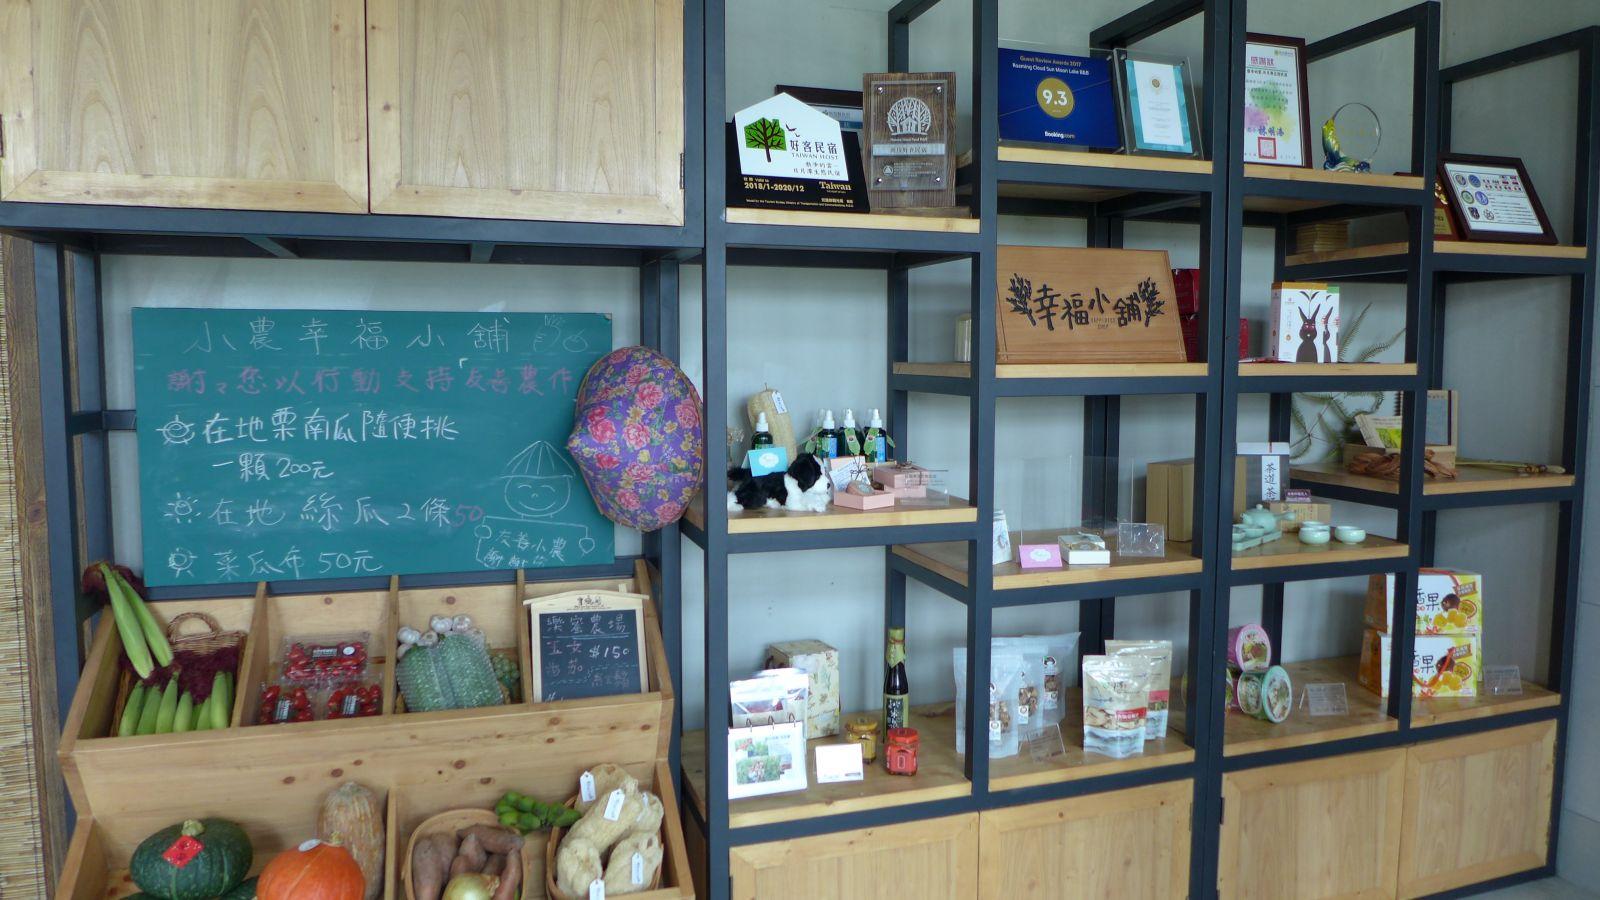 民宿內的「幸福小舖」是當地友善耕作農友最好的行銷平台,推廣「吃在地、食當季」的互利共生理念。